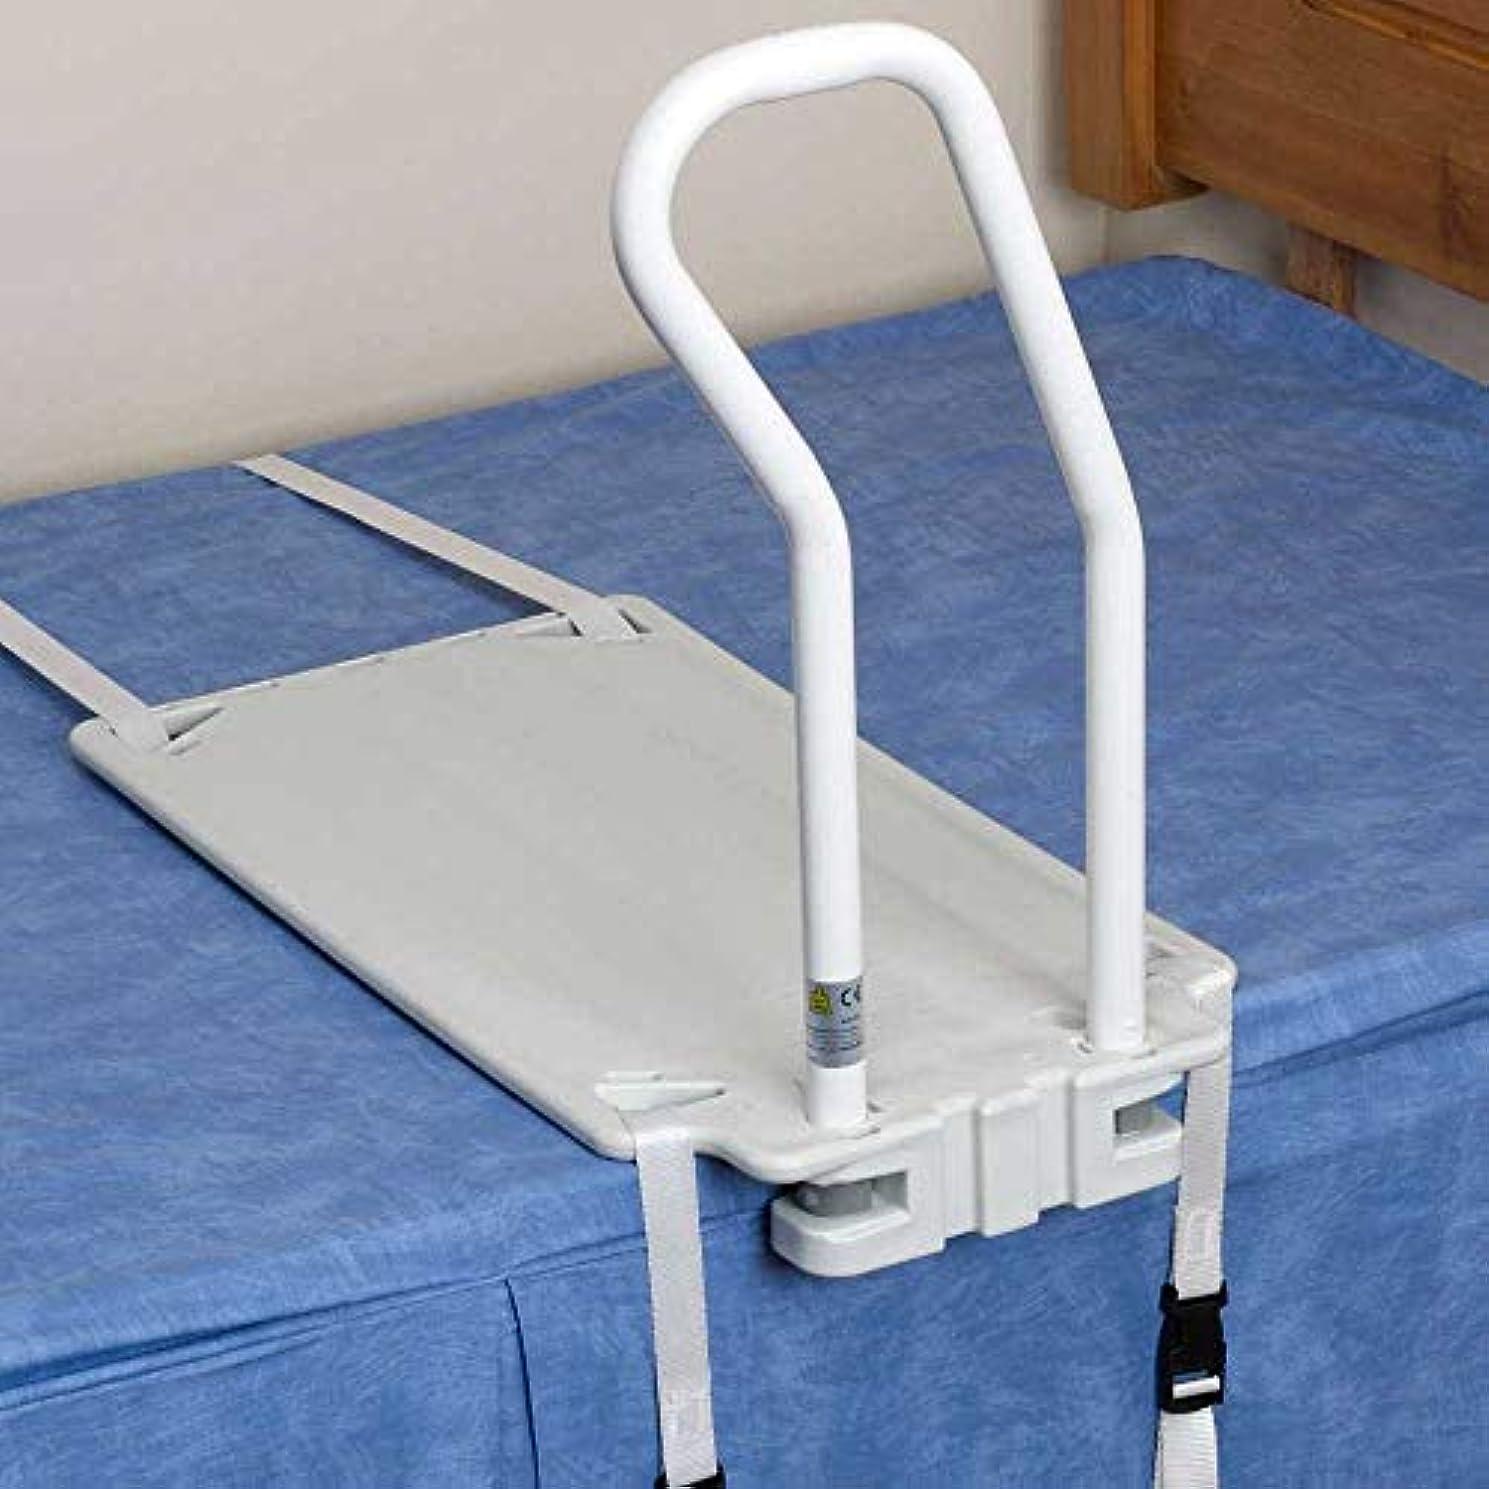 請求書必要とするネブベッドサイド手すり、ベッドへの出入りの補助、安定補助具、高齢者用、身体障害者用、障害者用、ディバンベッドグラブハンドル